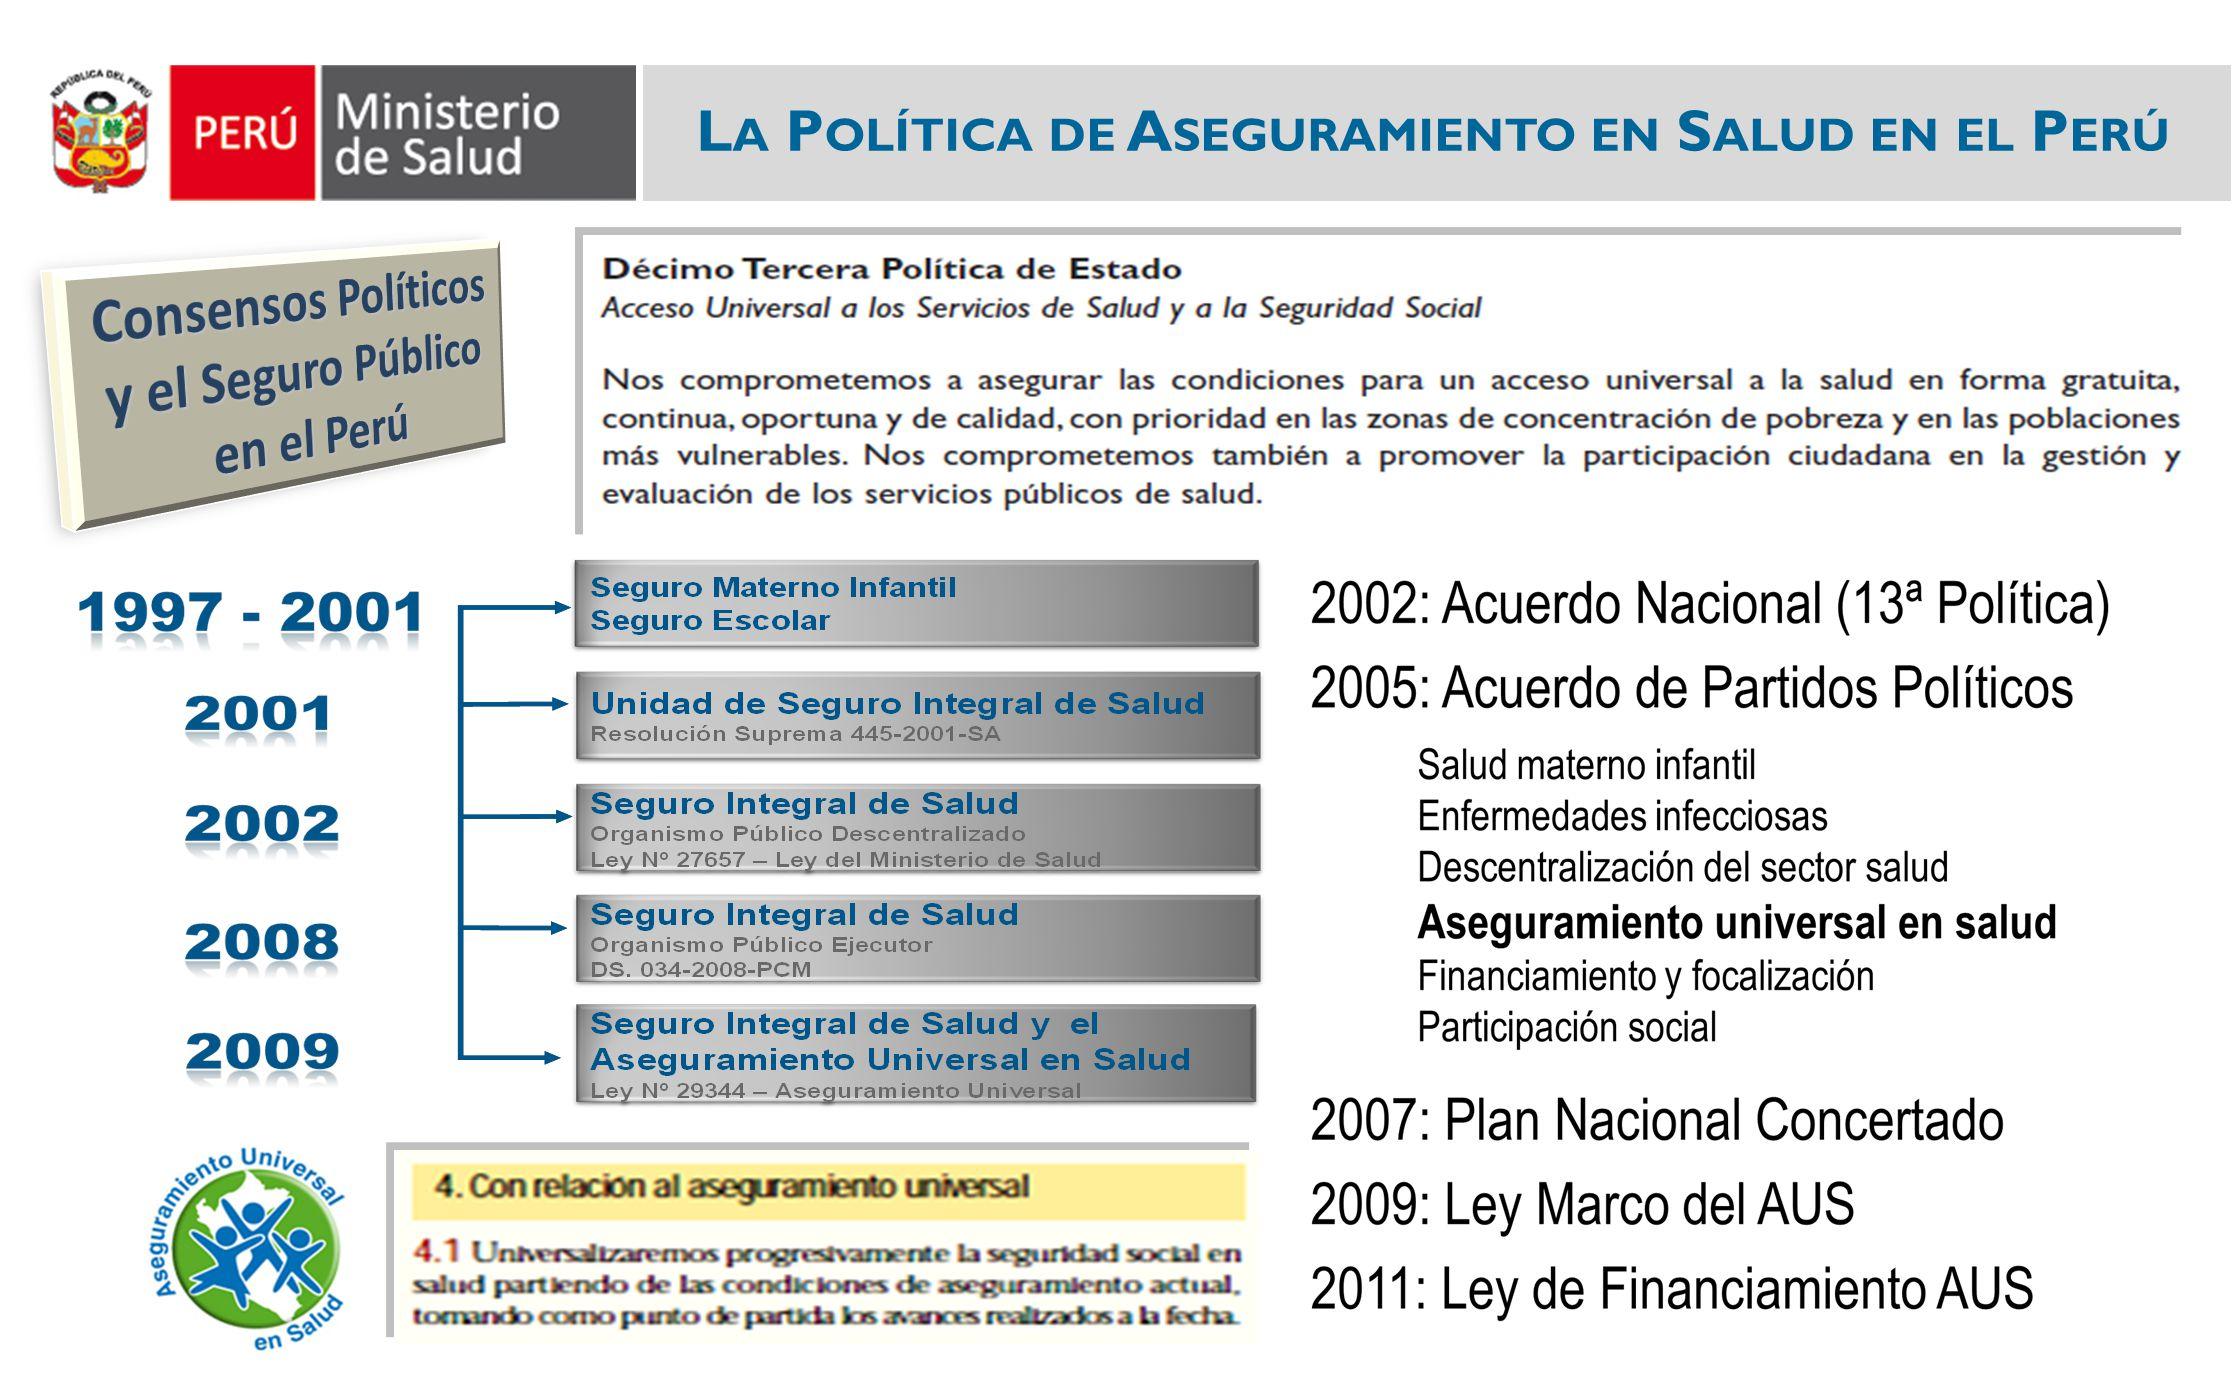 Consensos Políticos y el Seguro Público en el Perú